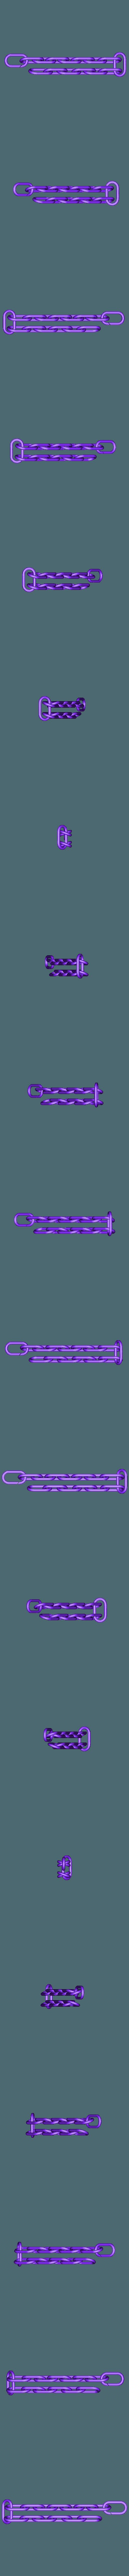 Bracelet Print in place.stl Télécharger fichier STL Bracelet en chaîne • Design pour imprimante 3D, 3DPrintingGurus